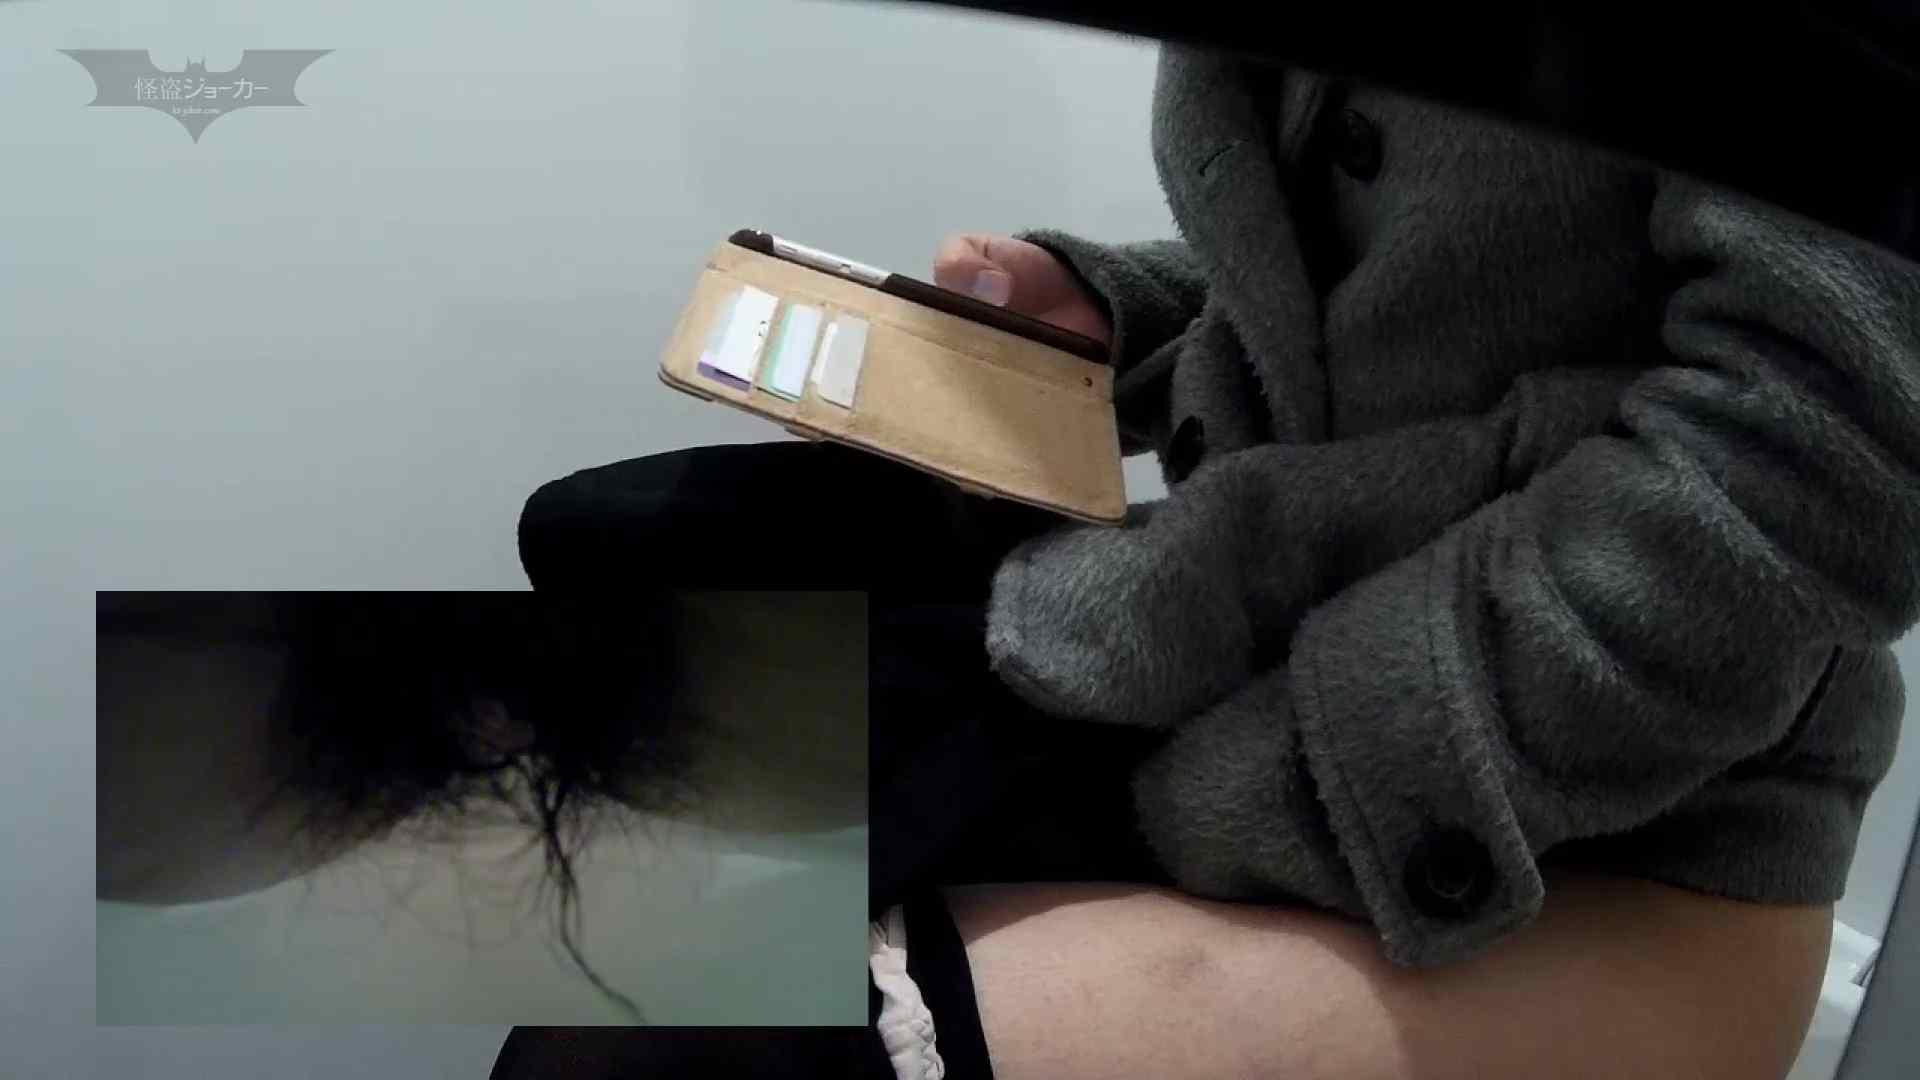 有名大学女性洗面所 vol.58 アンダーヘアーも冬支度? 高画質動画 | 丸見え  69画像 51